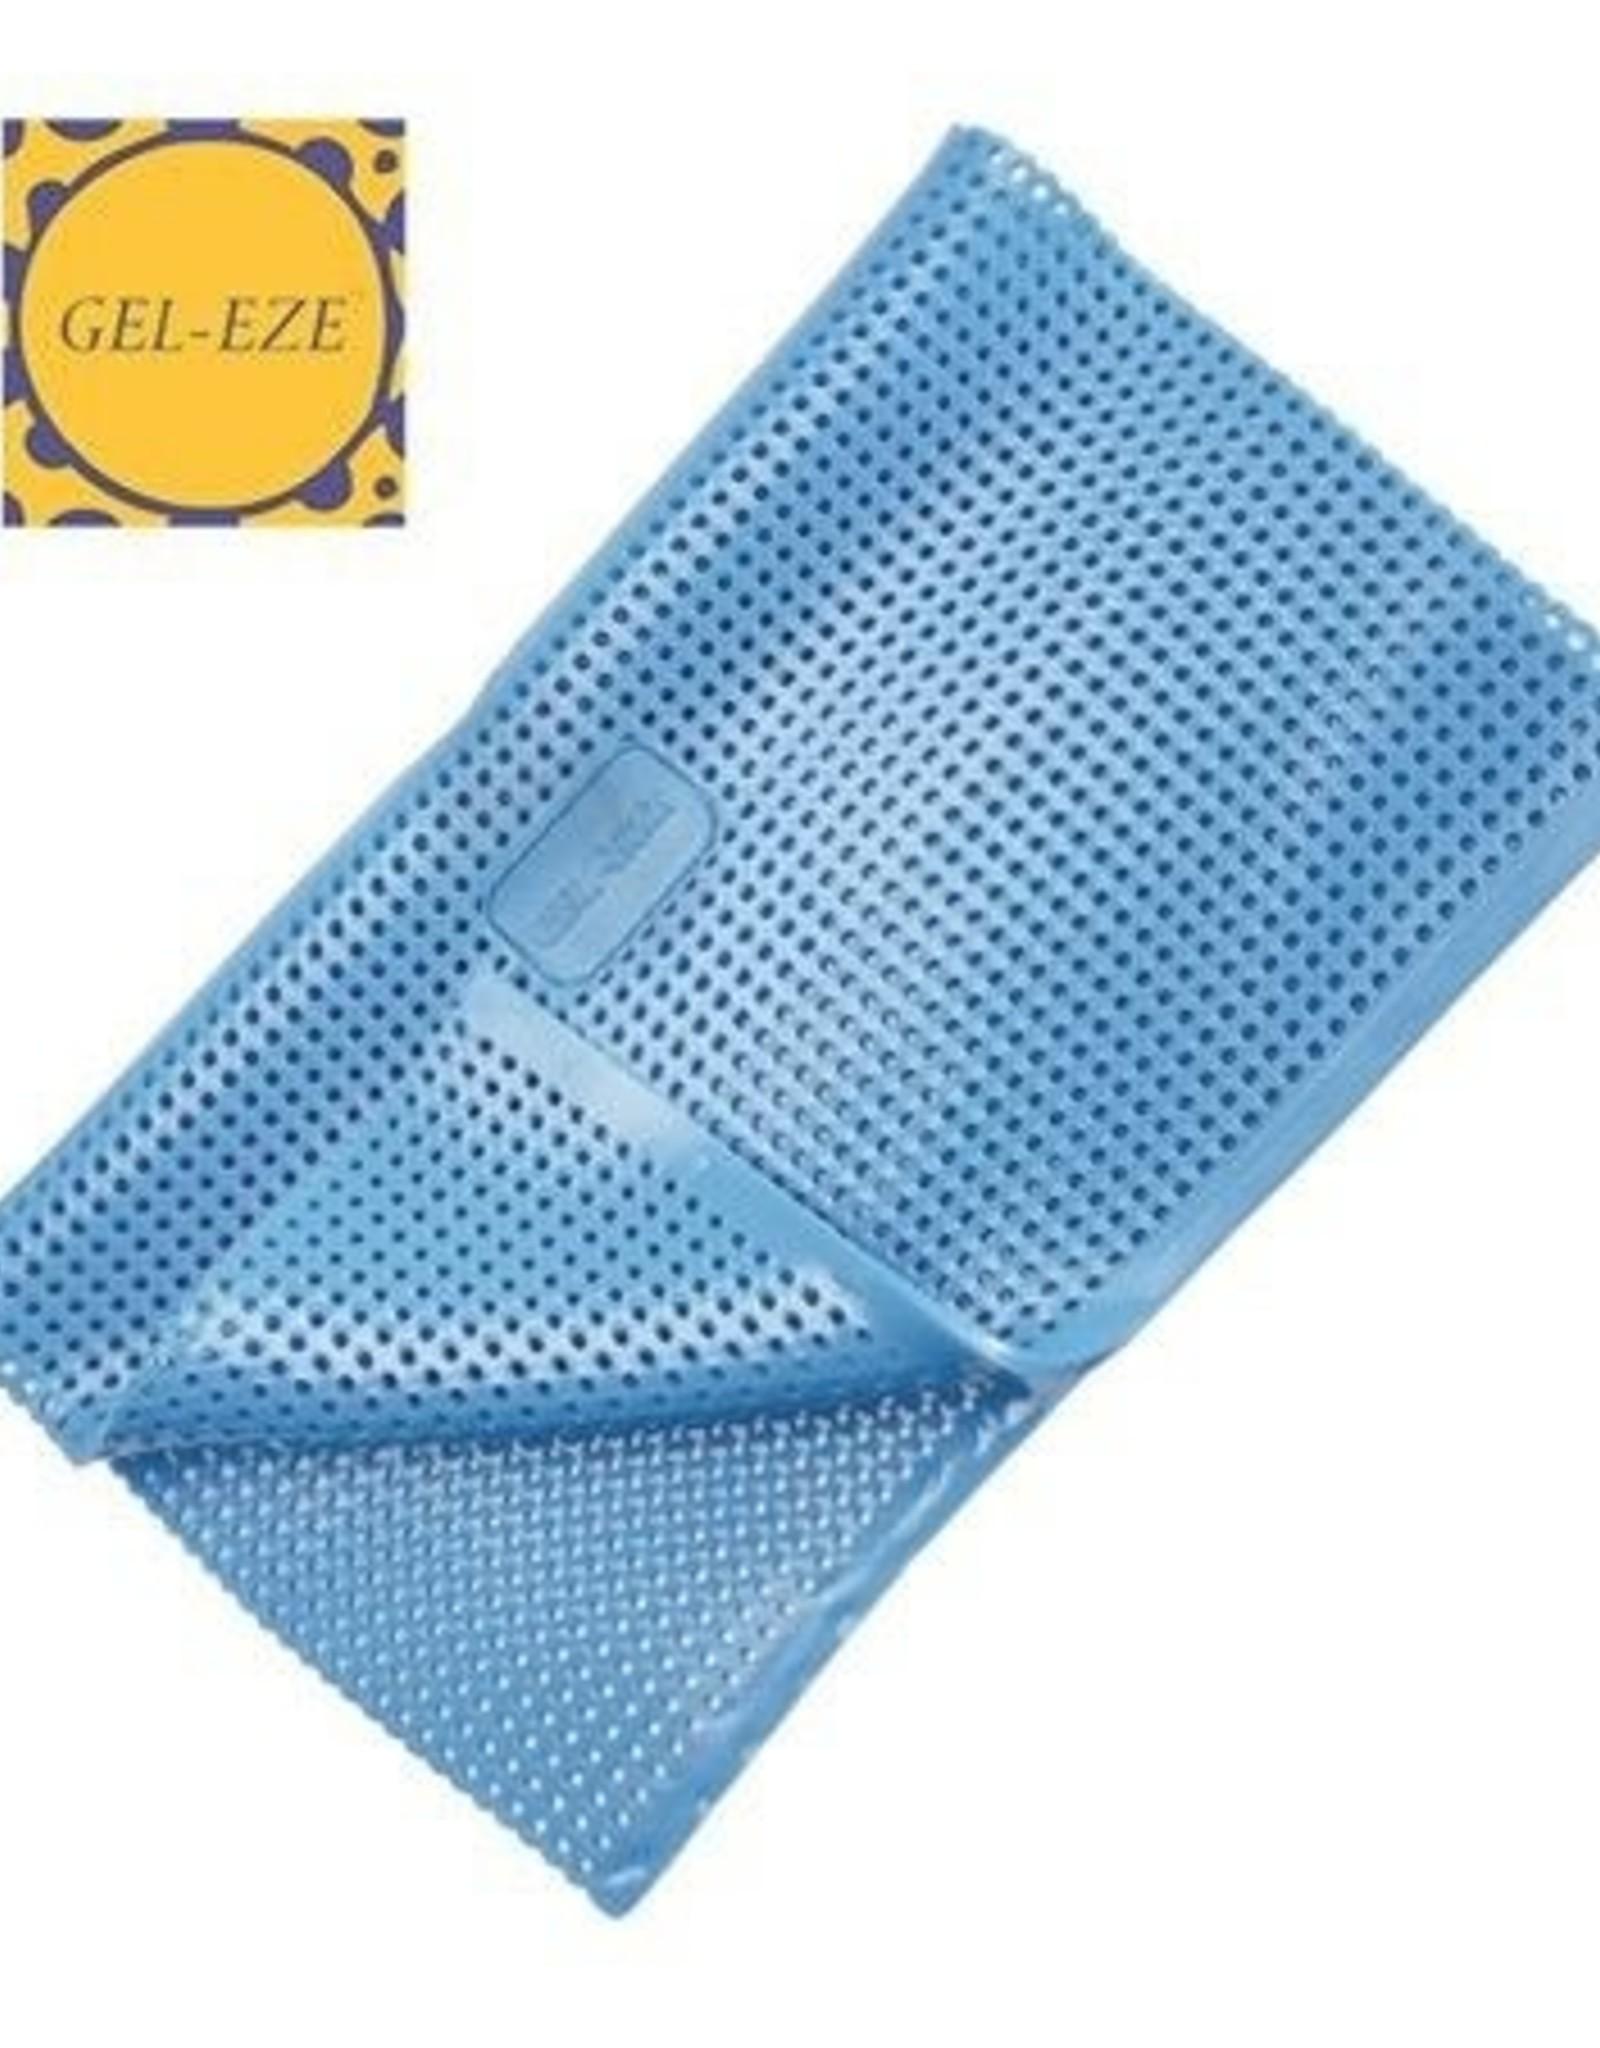 GEL-EZE GEL-EZE Under Bandage